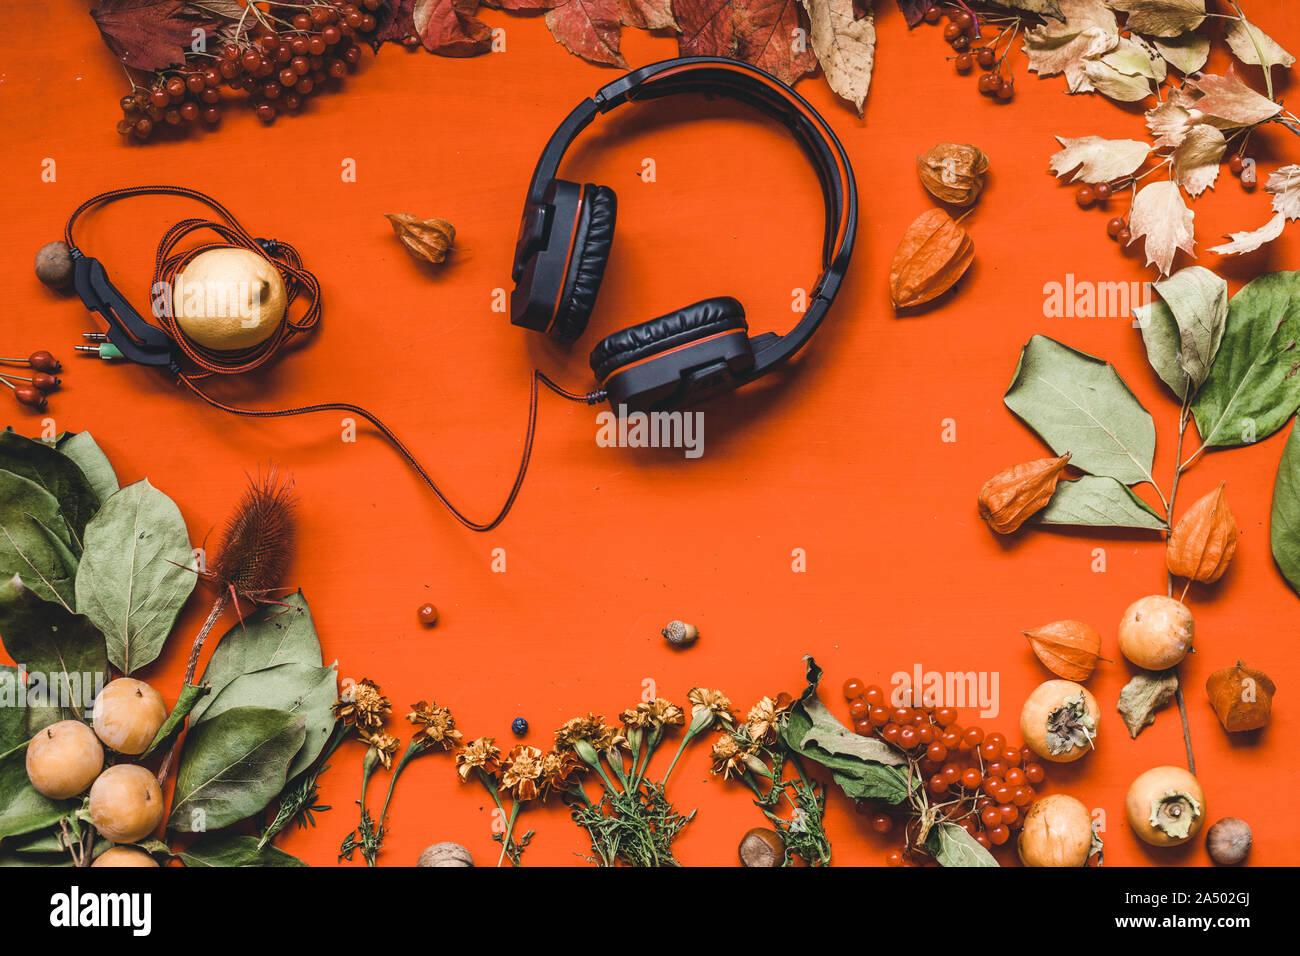 Herbst Hintergrund Musik Kopfhörer gelbe Blätter in den roten Tisch Stockfoto